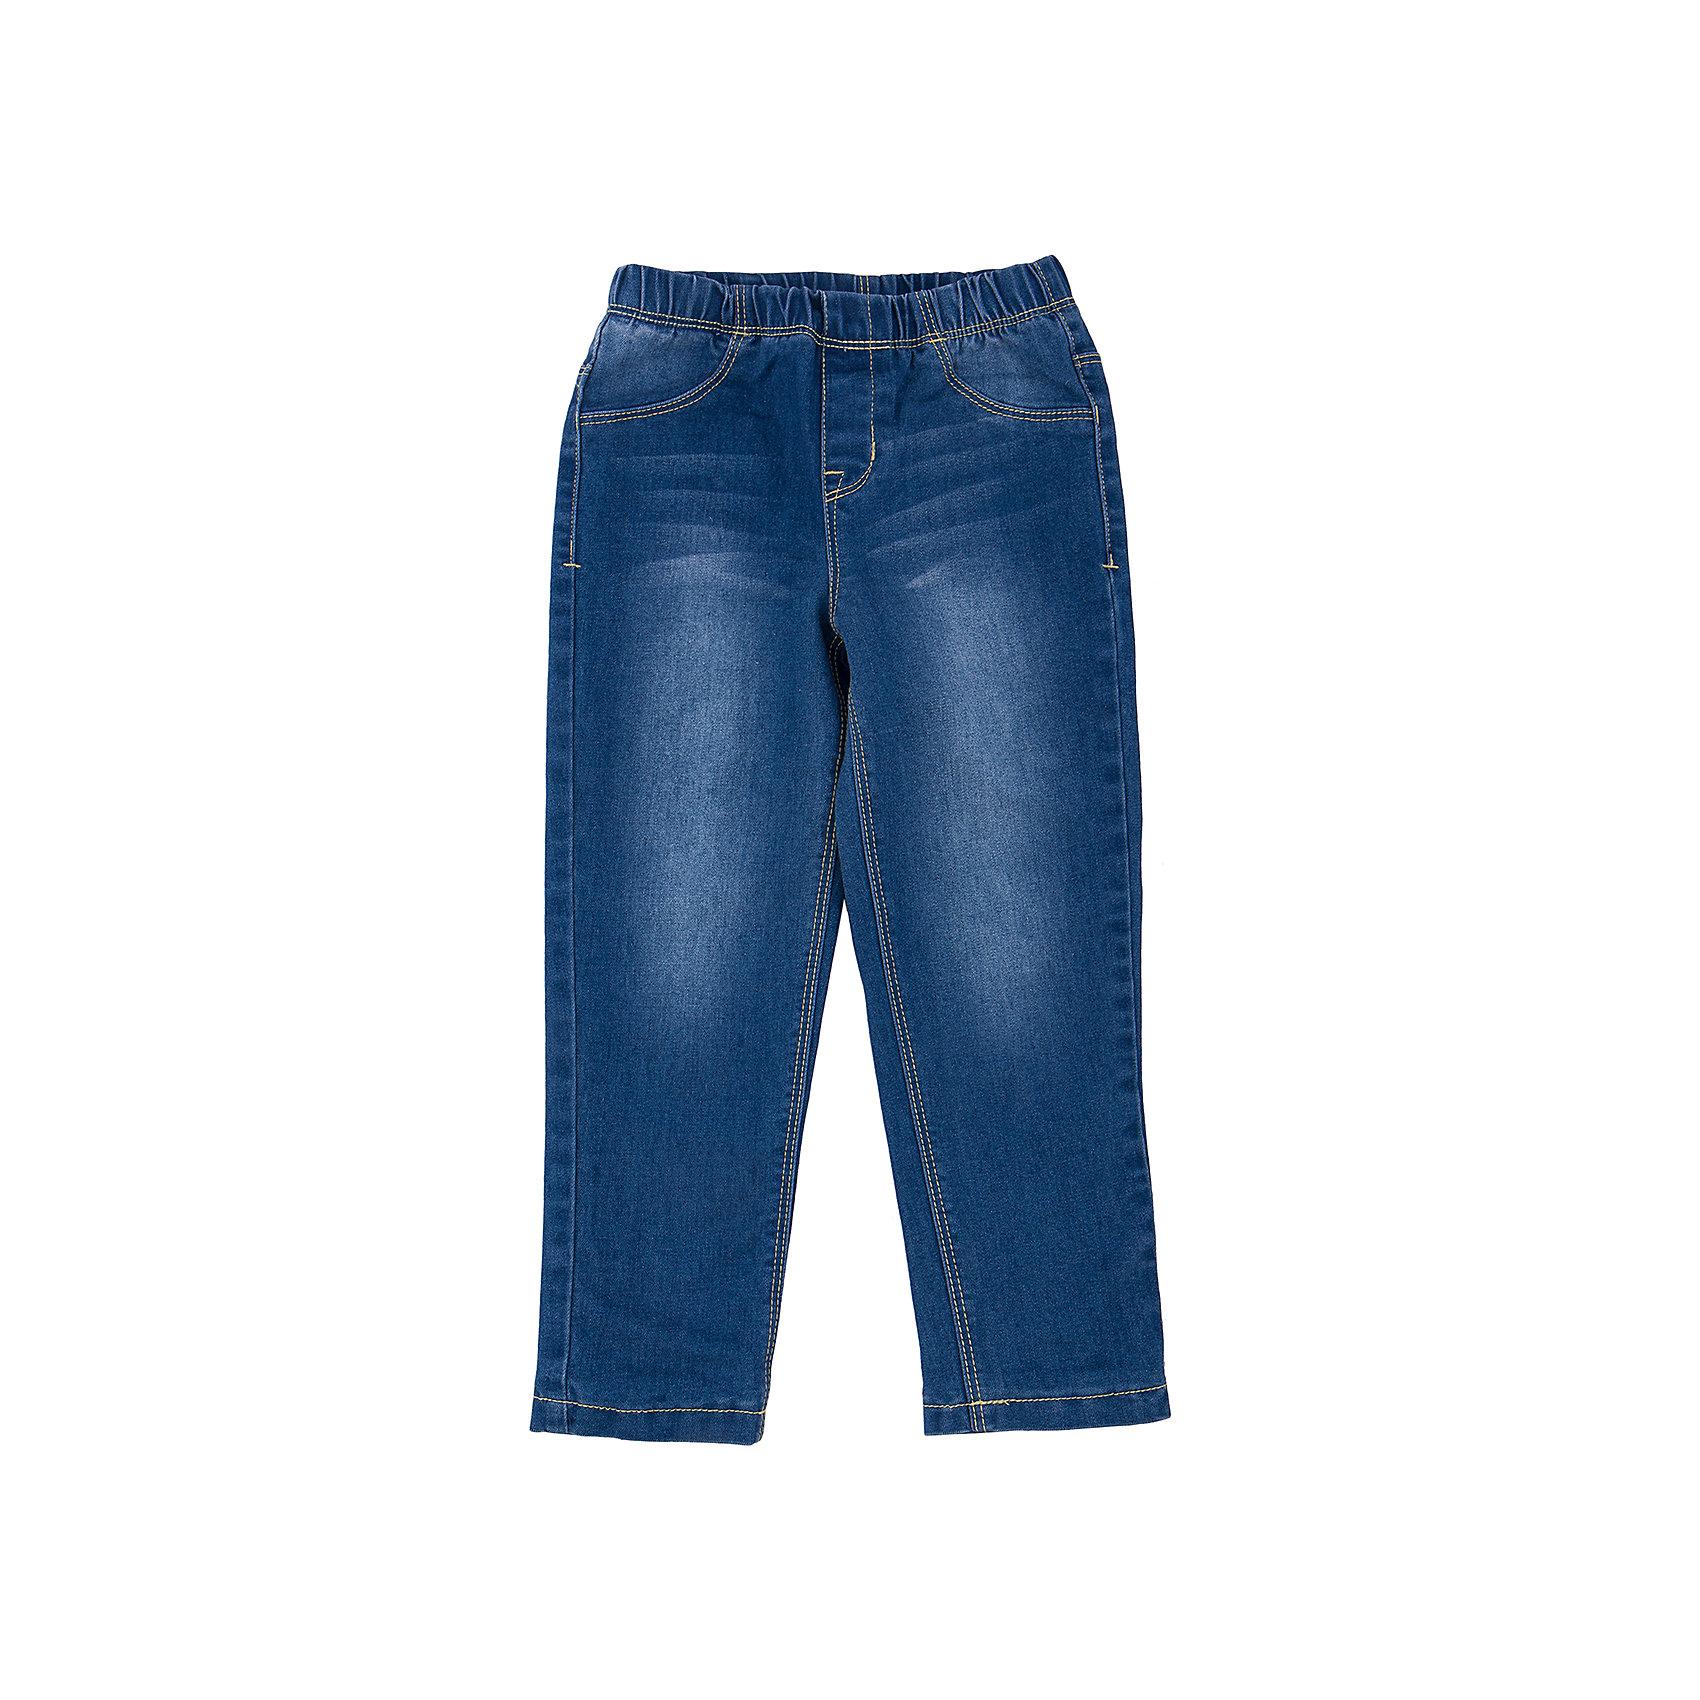 Джинсы для девочки SELAДжинсы<br>Удобные джинсы - незаменимая вещь в детском гардеробе. Эта модель отлично сидит на ребенке, она сшита из плотного материала, натуральный хлопок не вызывает аллергии и обеспечивает ребенку комфорт. Модель станет отличной базовой вещью, которая будет уместна в различных сочетаниях.<br>Одежда от бренда Sela (Села) - это качество по приемлемым ценам. Многие российские родители уже оценили преимущества продукции этой компании и всё чаще приобретают одежду и аксессуары Sela.<br><br>Дополнительная информация:<br><br>цвет: синий;<br>материал: 85% хлопок, 13% ПЭ, 2% эластан; подкладка:65% хлопок, 35% ПЭ;<br>плотный материал.<br><br>Джинсы для девочки от бренда Sela можно купить в нашем интернет-магазине.<br><br>Ширина мм: 215<br>Глубина мм: 88<br>Высота мм: 191<br>Вес г: 336<br>Цвет: синий<br>Возраст от месяцев: 60<br>Возраст до месяцев: 72<br>Пол: Женский<br>Возраст: Детский<br>Размер: 98,104,116,110<br>SKU: 4919374